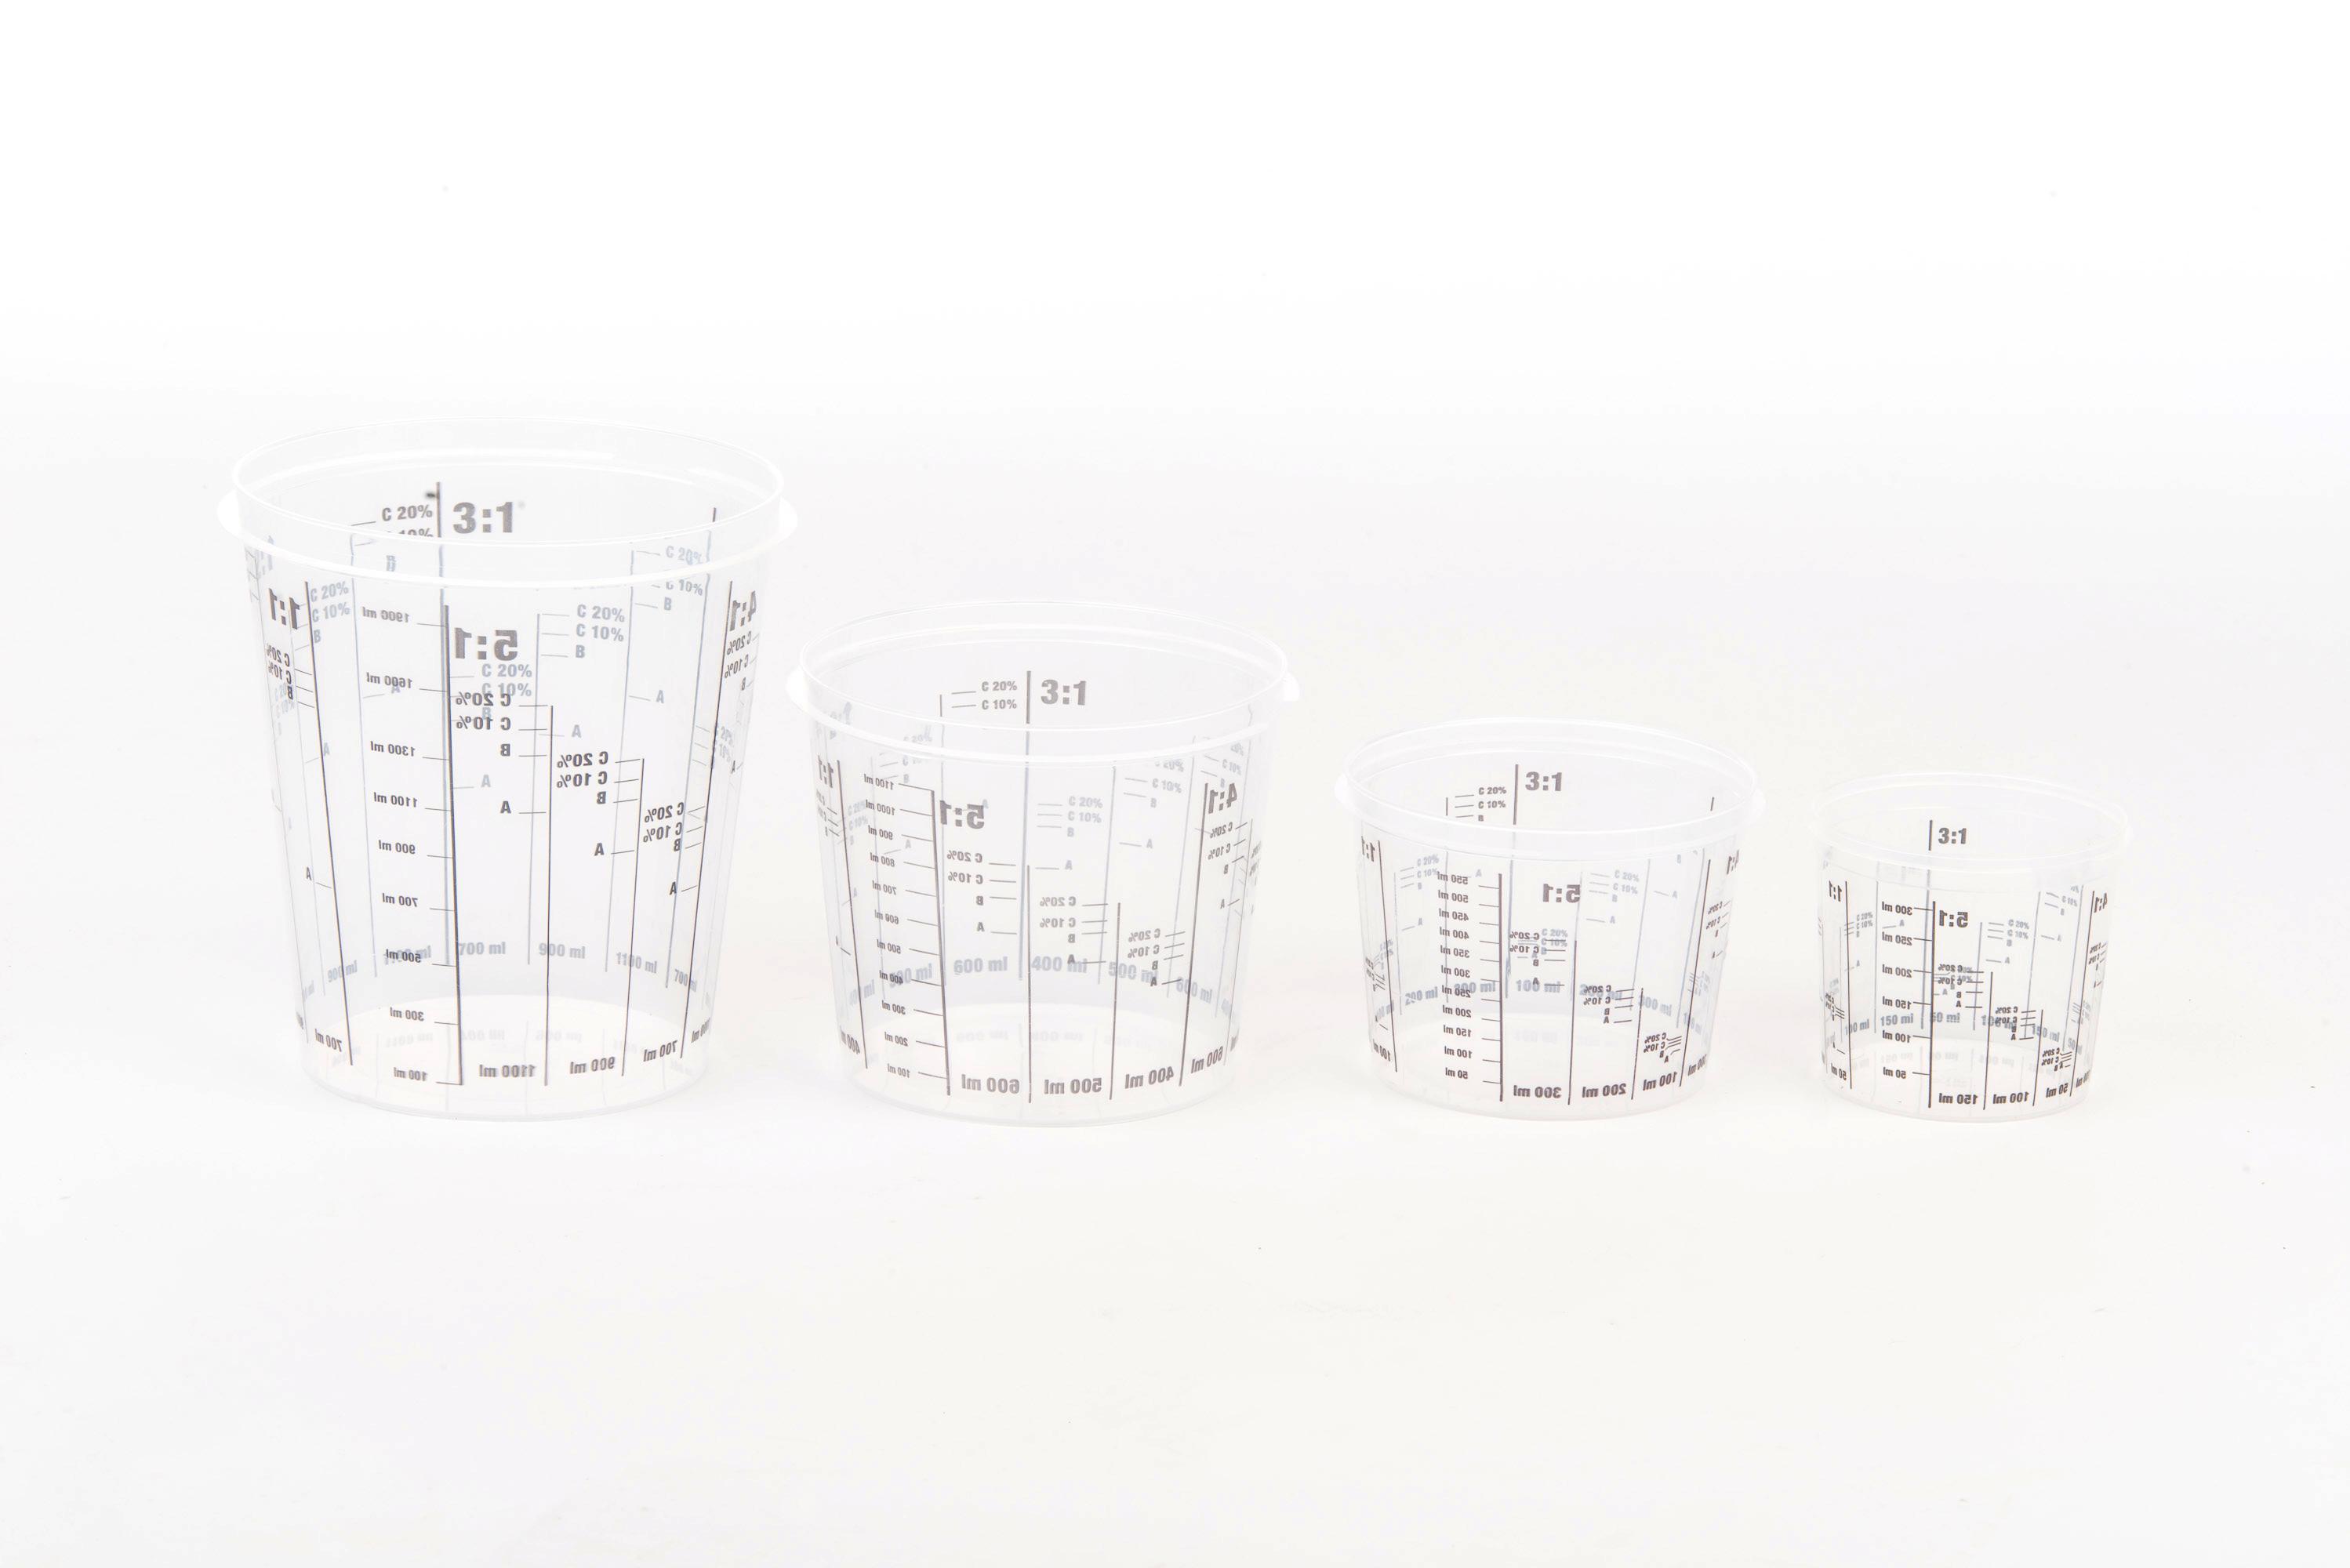 PVC Mischbecher mit Skala 2300 ml 1:1-2:1-3:1-4:1-5:1